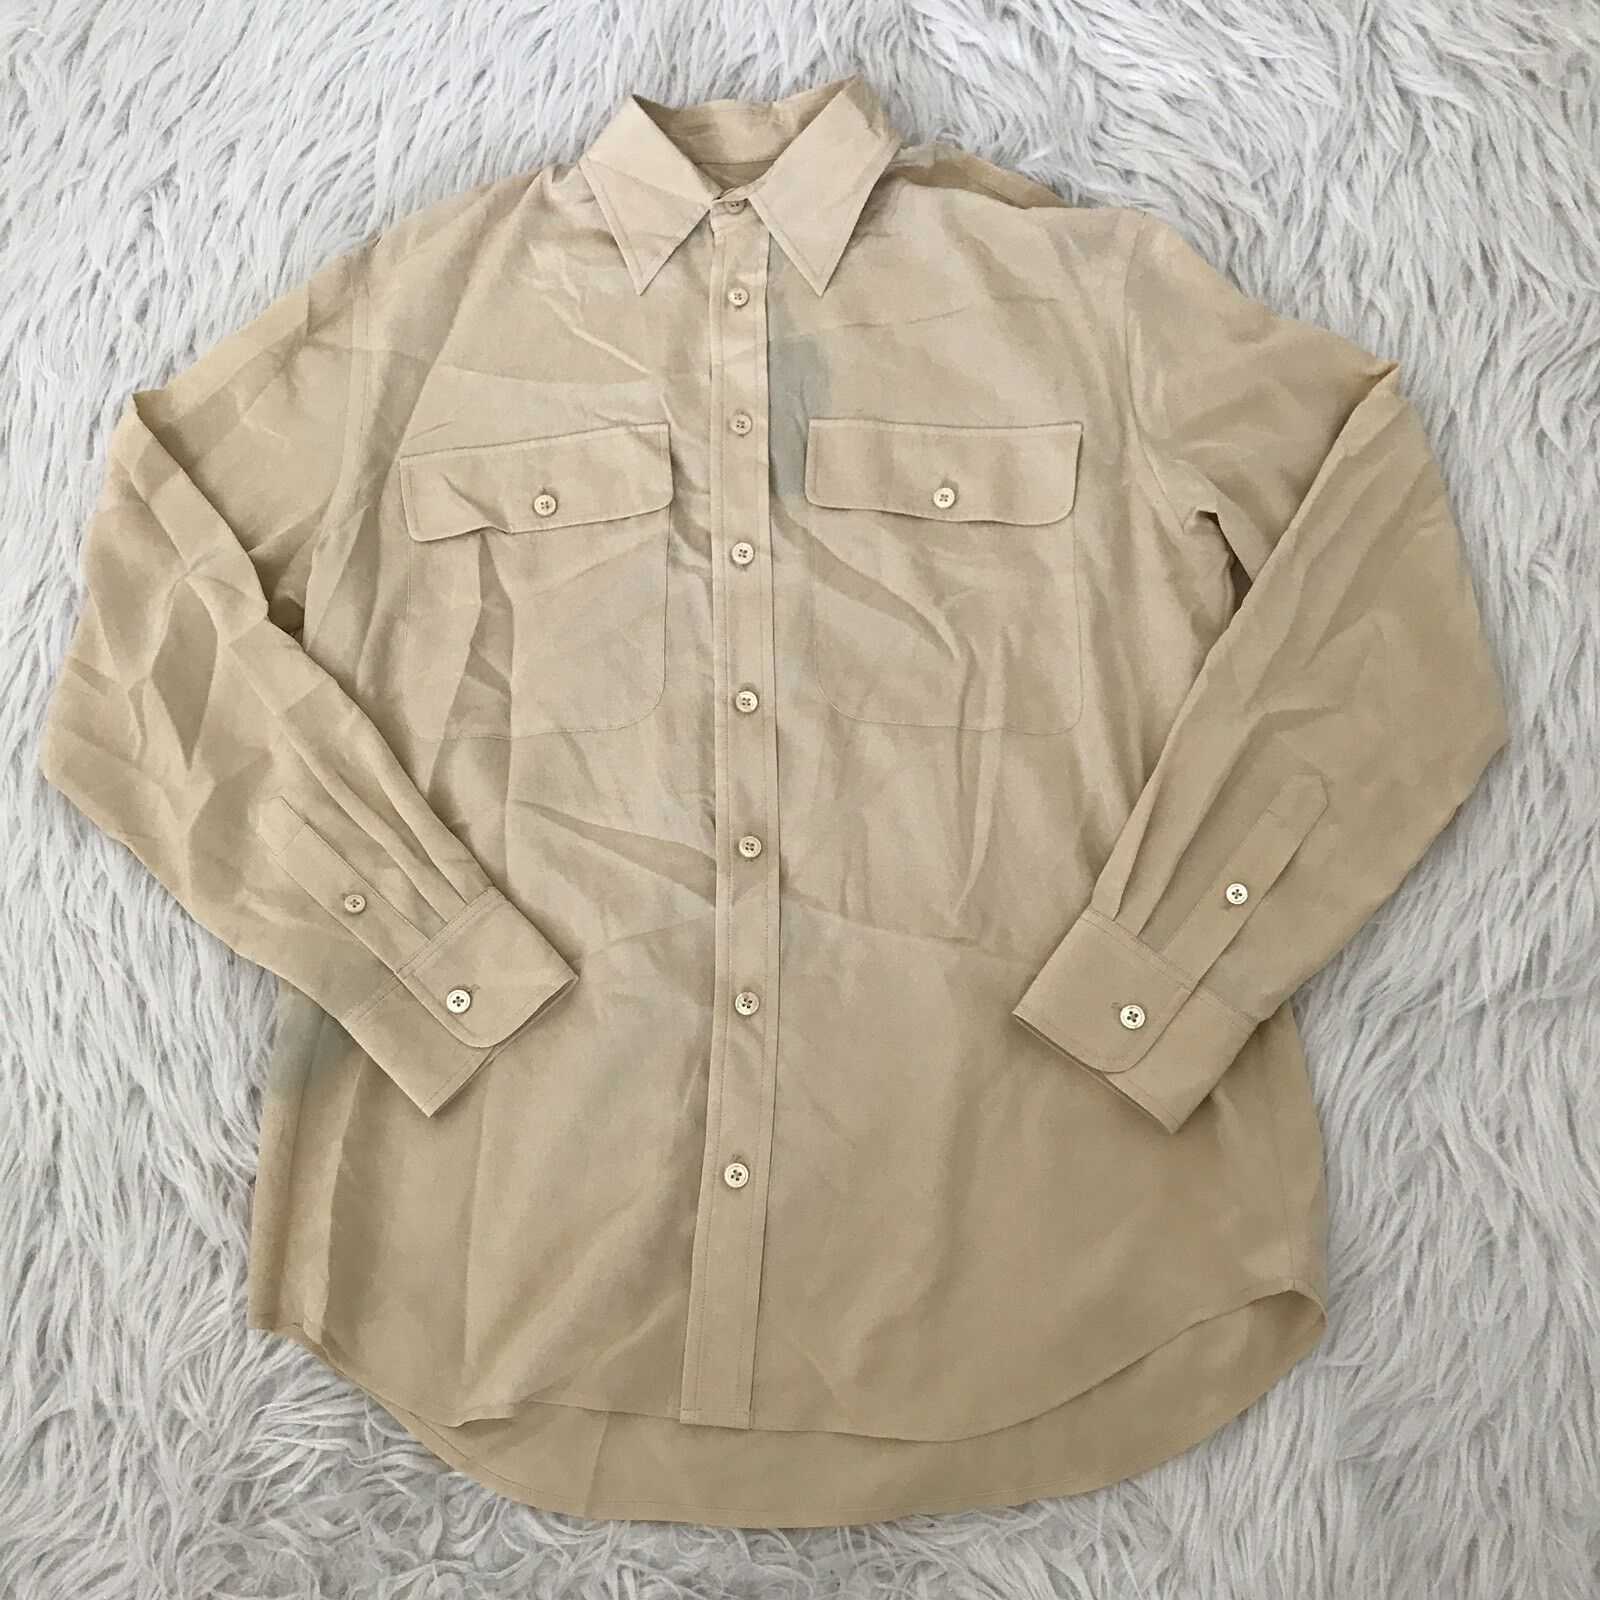 NWT  Ralph Lauren schwarz Label 100% Silk Gold Button Up Blouse Top damen 8